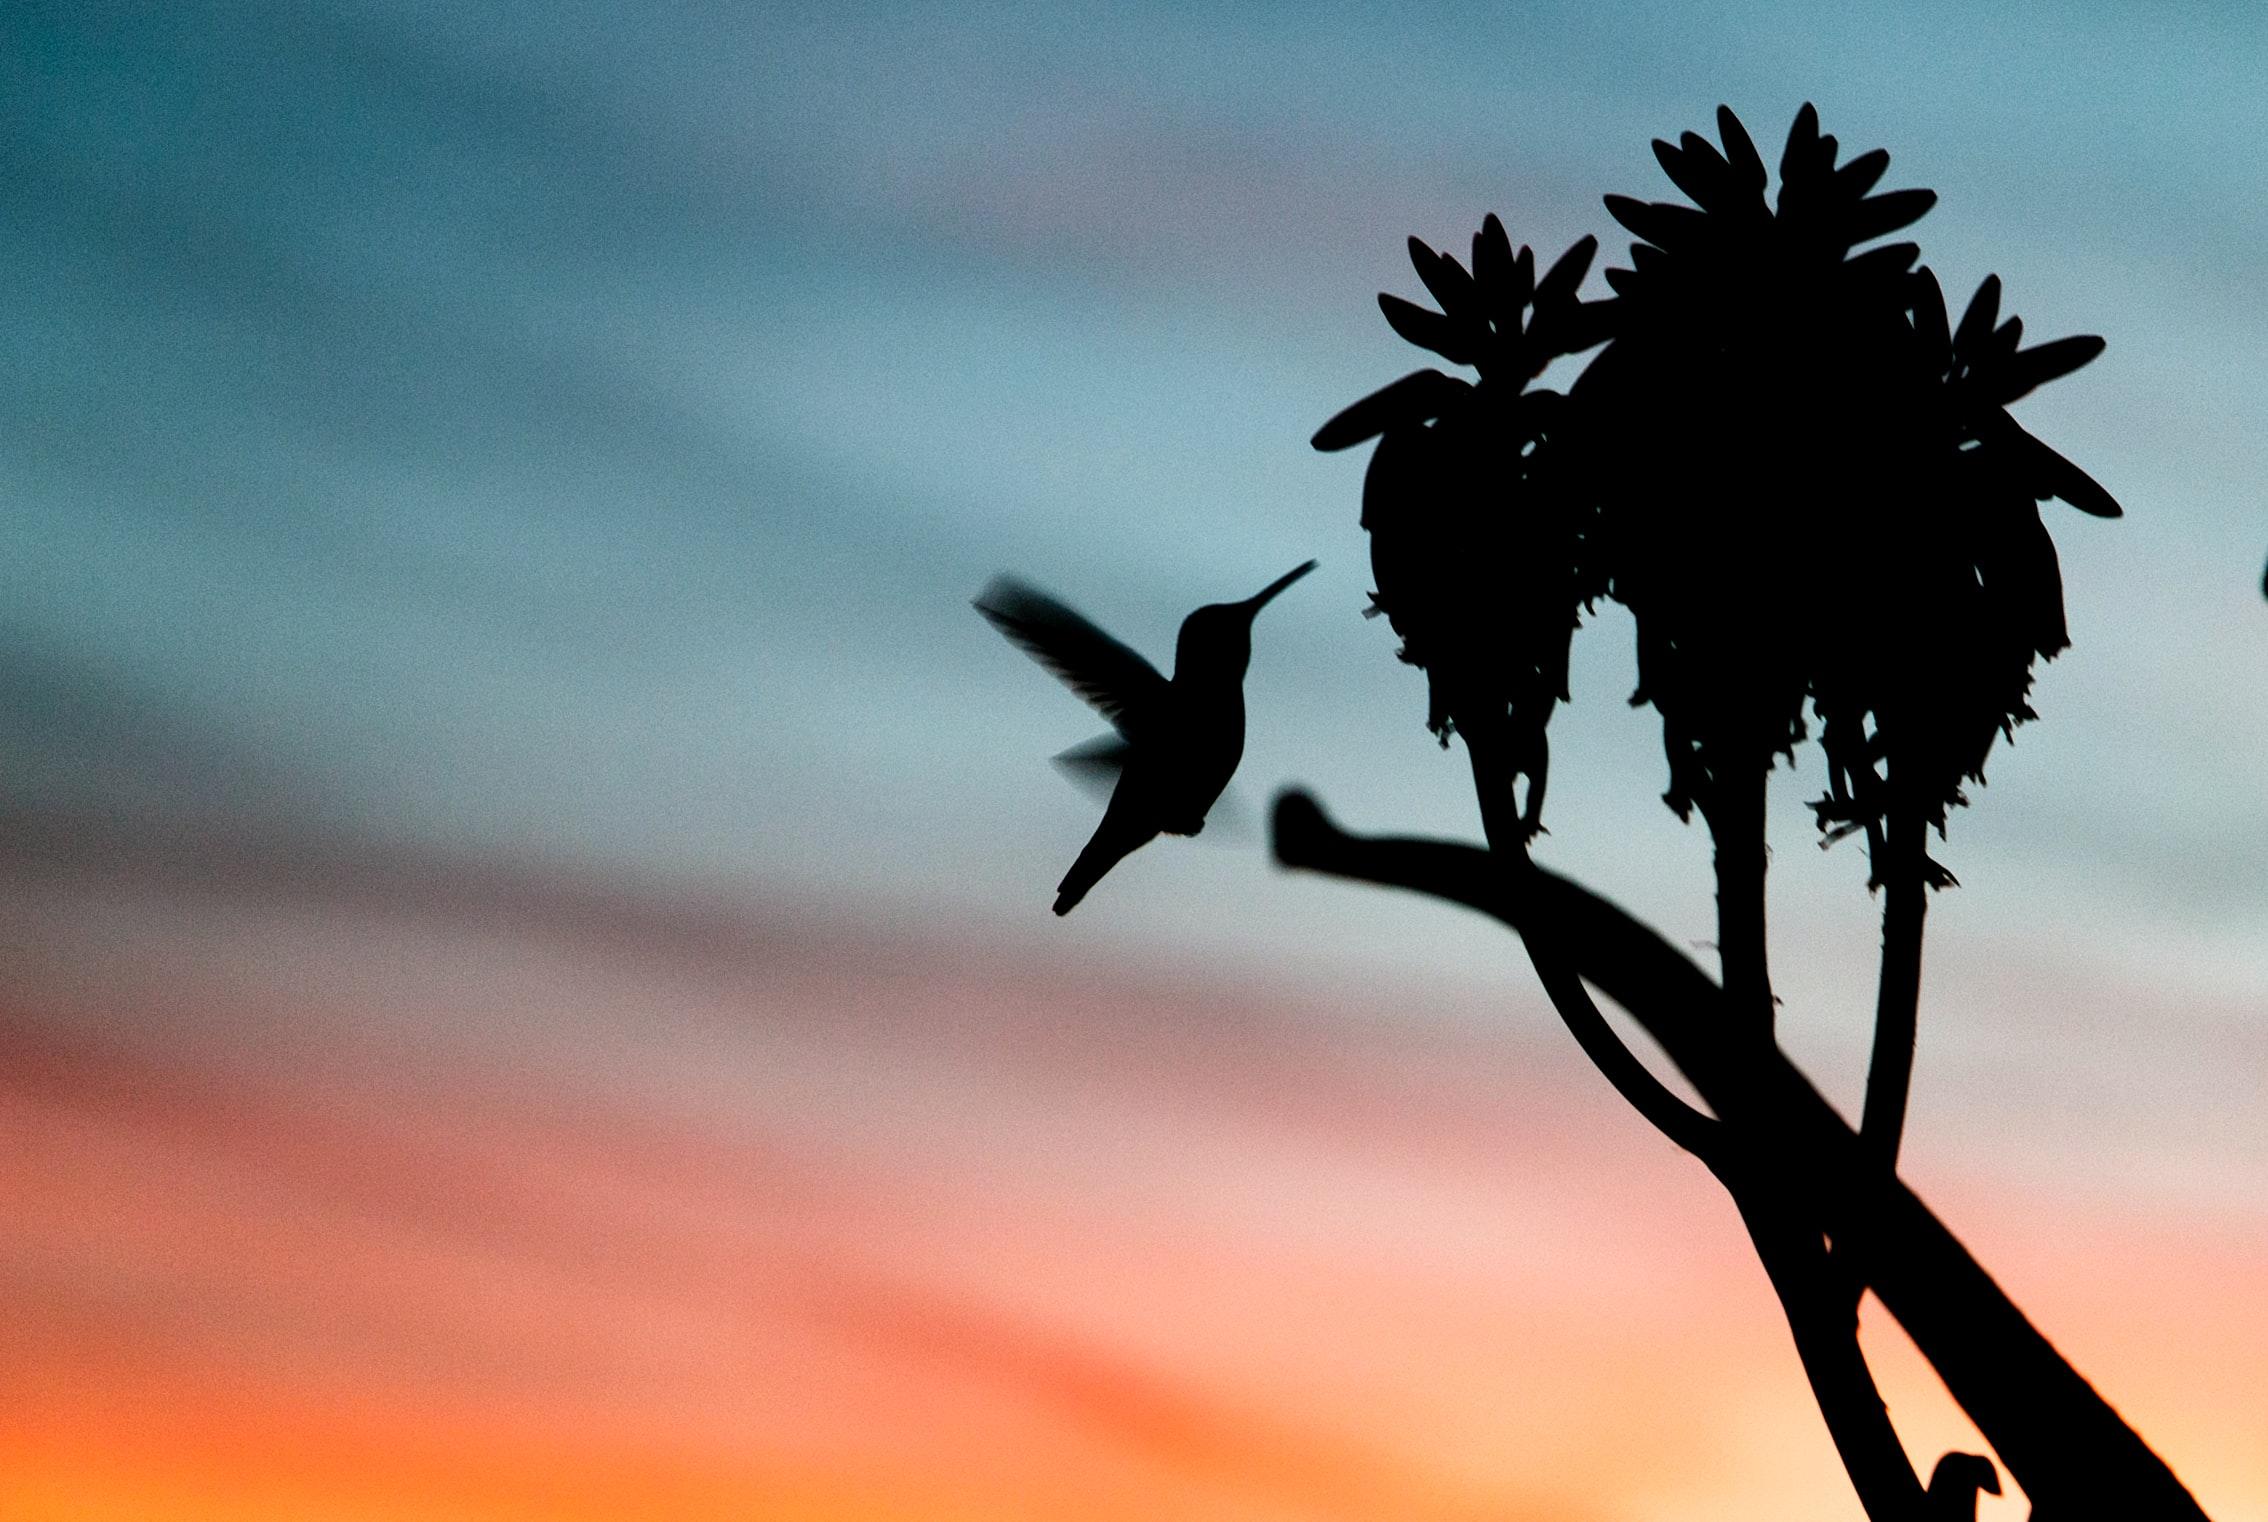 Mi leyenda del colibrí